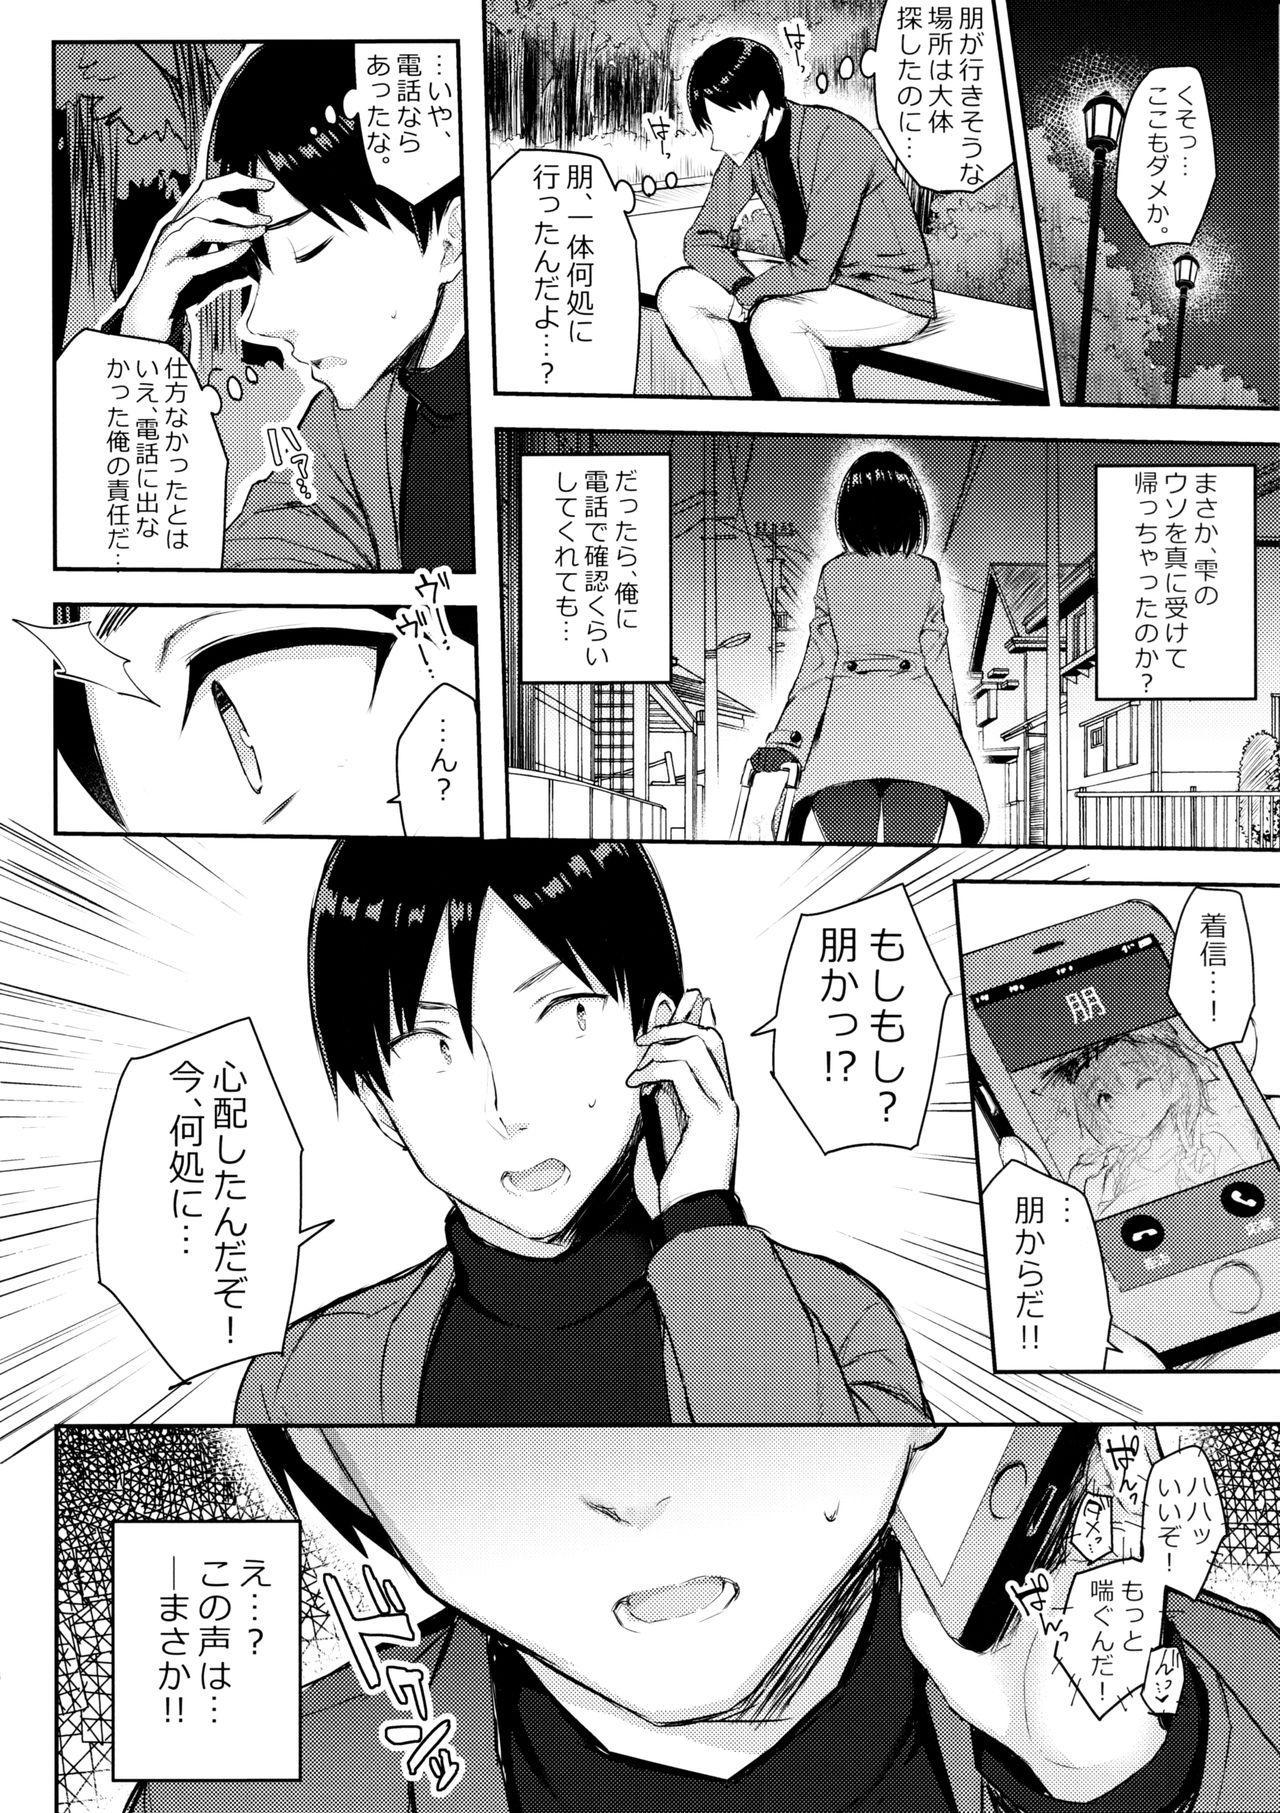 Kyonyuu Itoko ga Iru Kyuuka 3 15